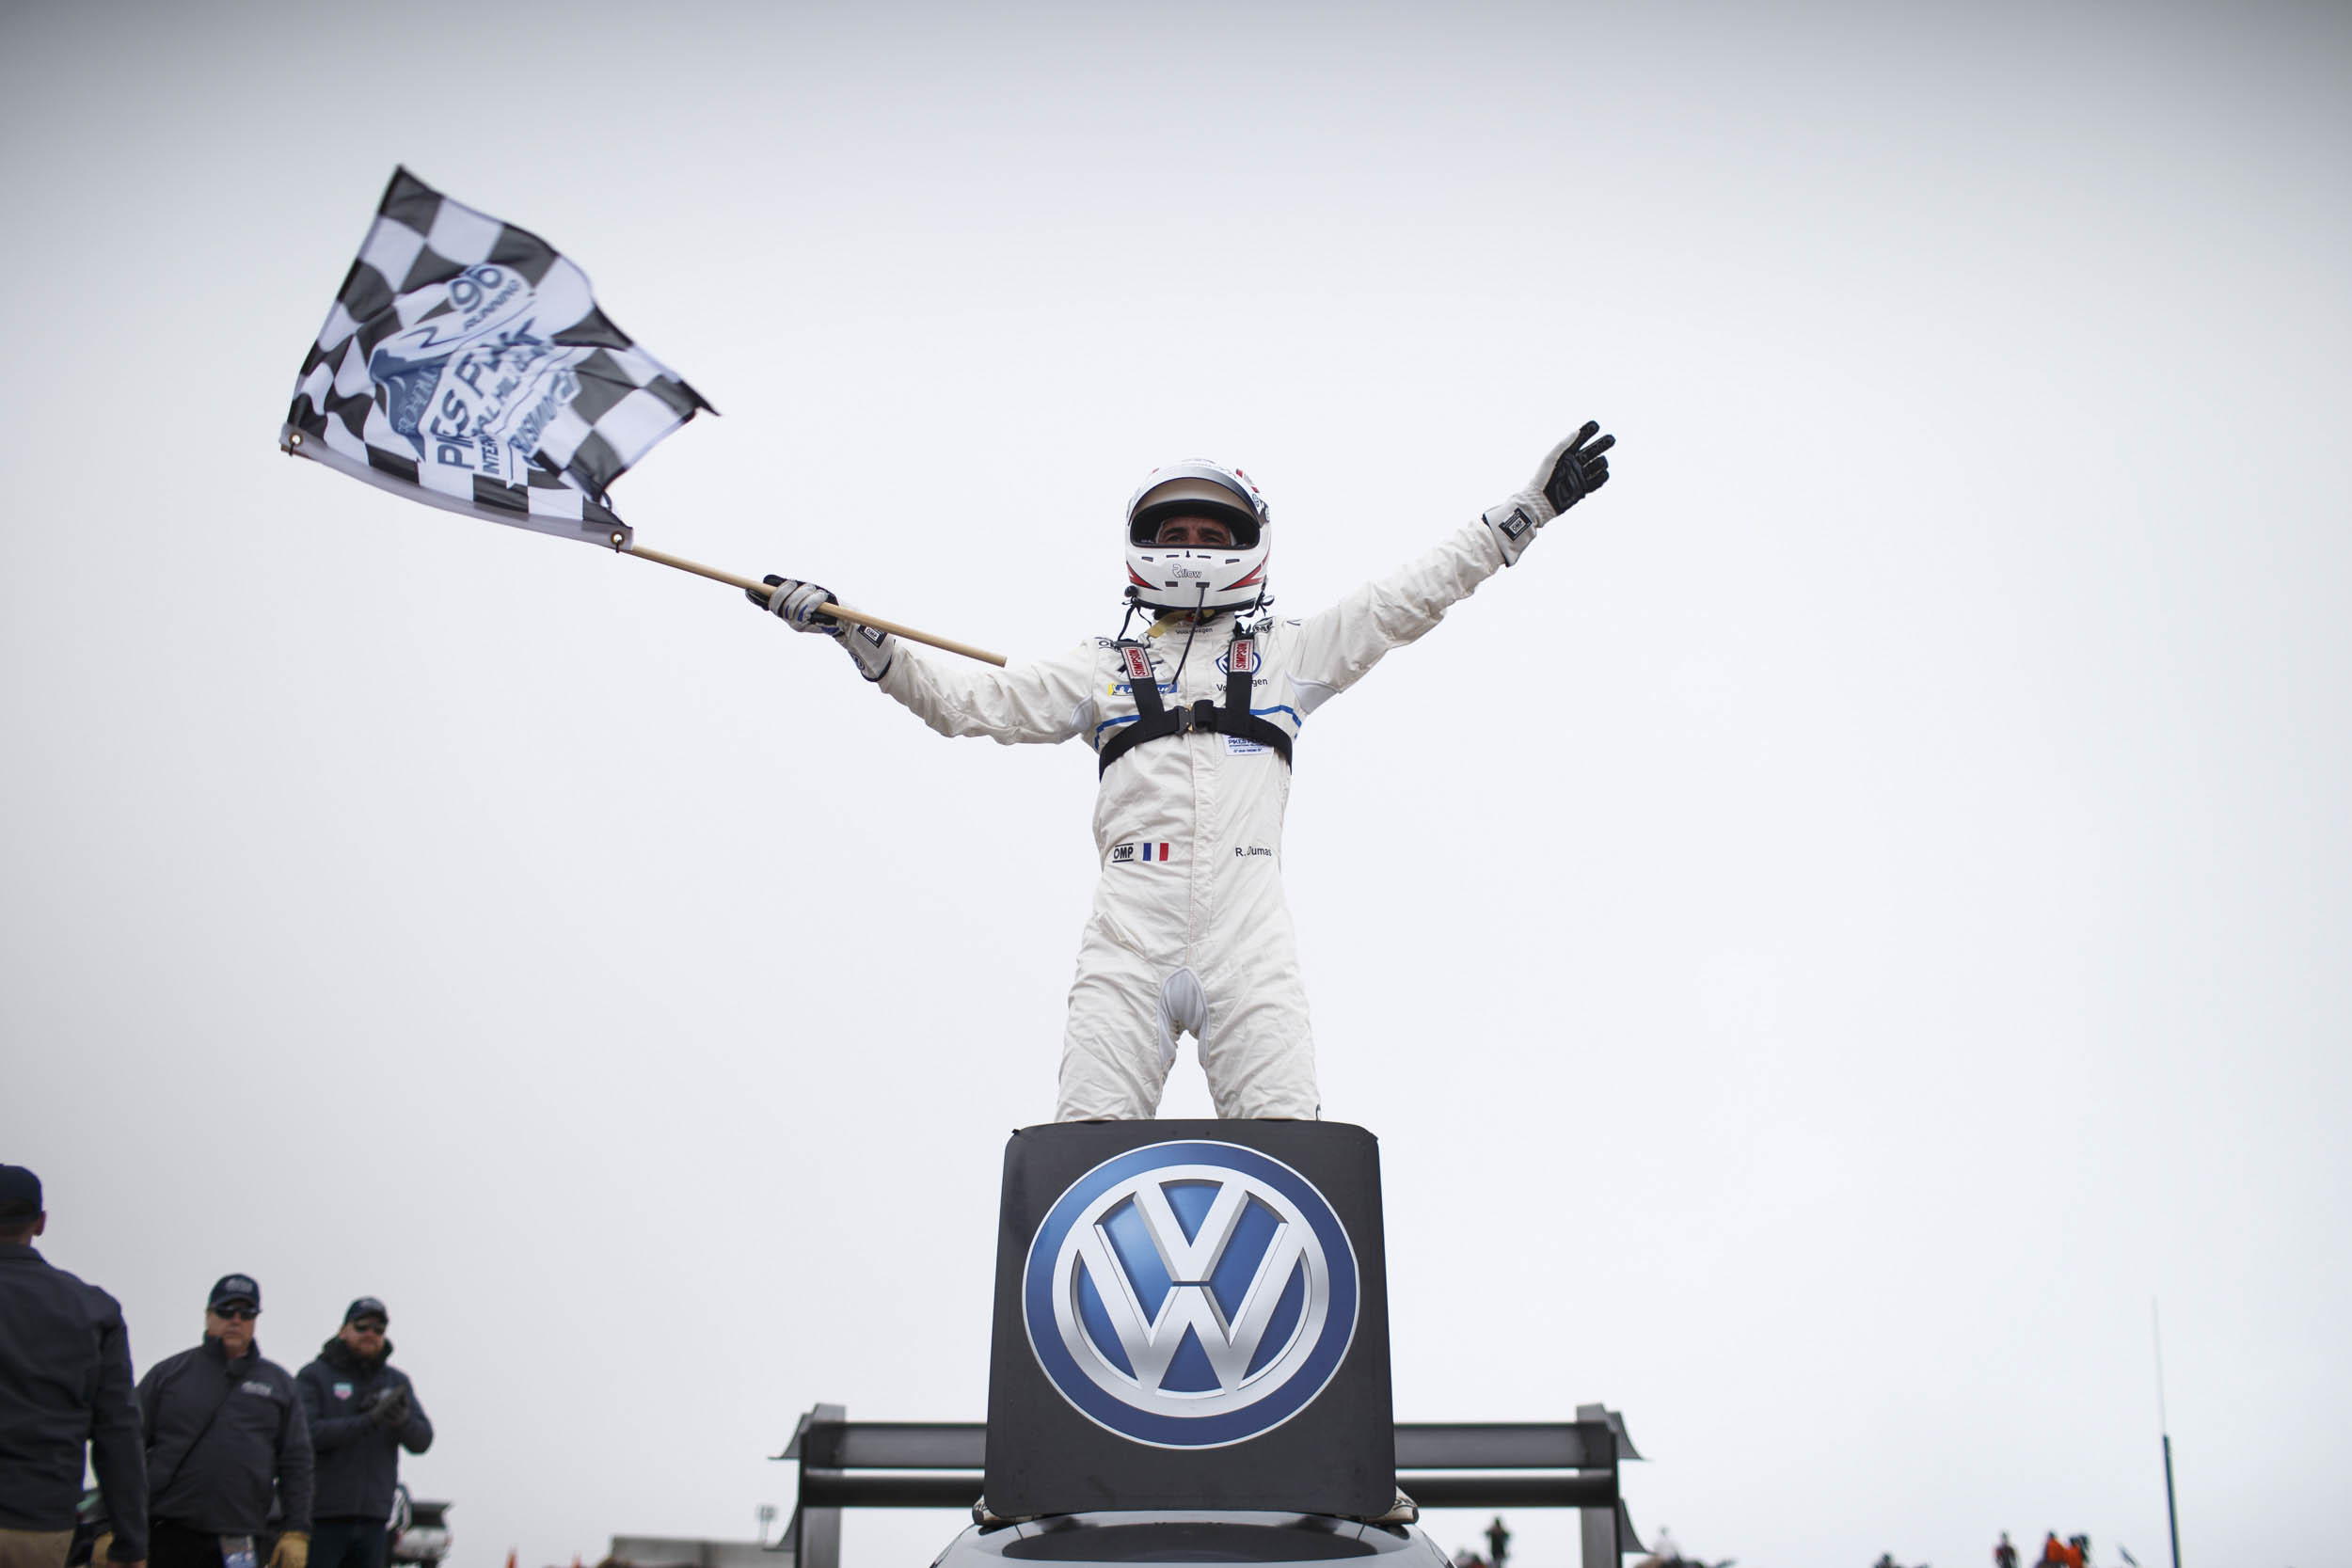 Romain Dumas as soon as he was notified that he beat Sebastien Loeb's five-year long record.